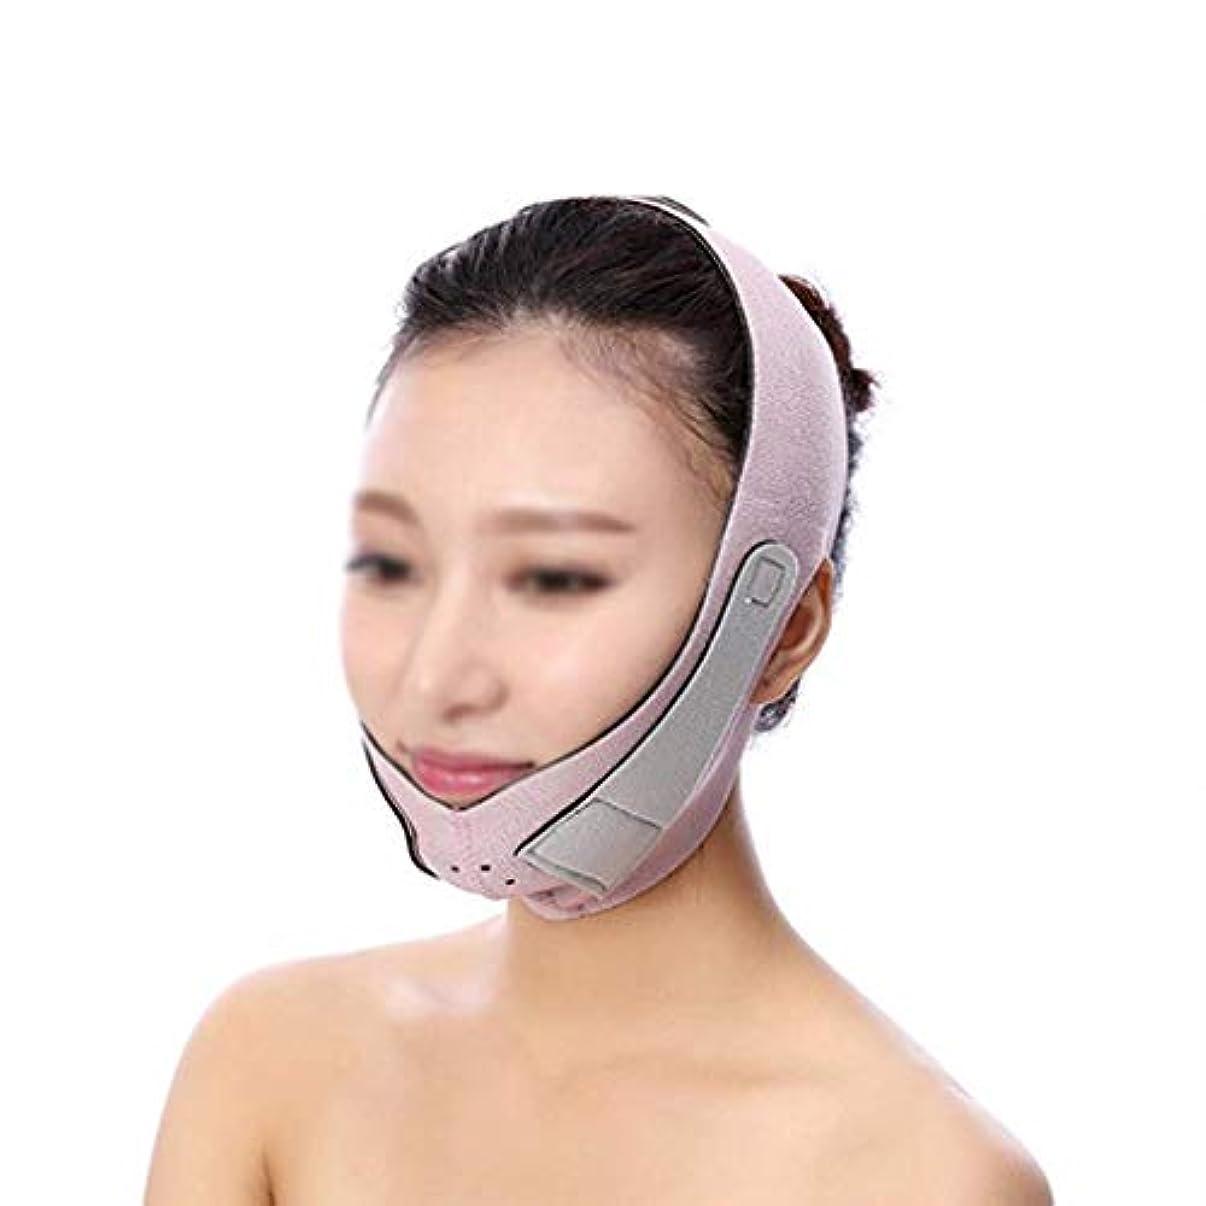 人間壁階薄型フェイスマスク、フェイスリフティングに最適、フェイスバンドを持ち上げてスキン包帯を引き締める、チークチンリフティング、スキン包帯を引き締める(フリーサイズ)(カラー:オレンジ),紫の